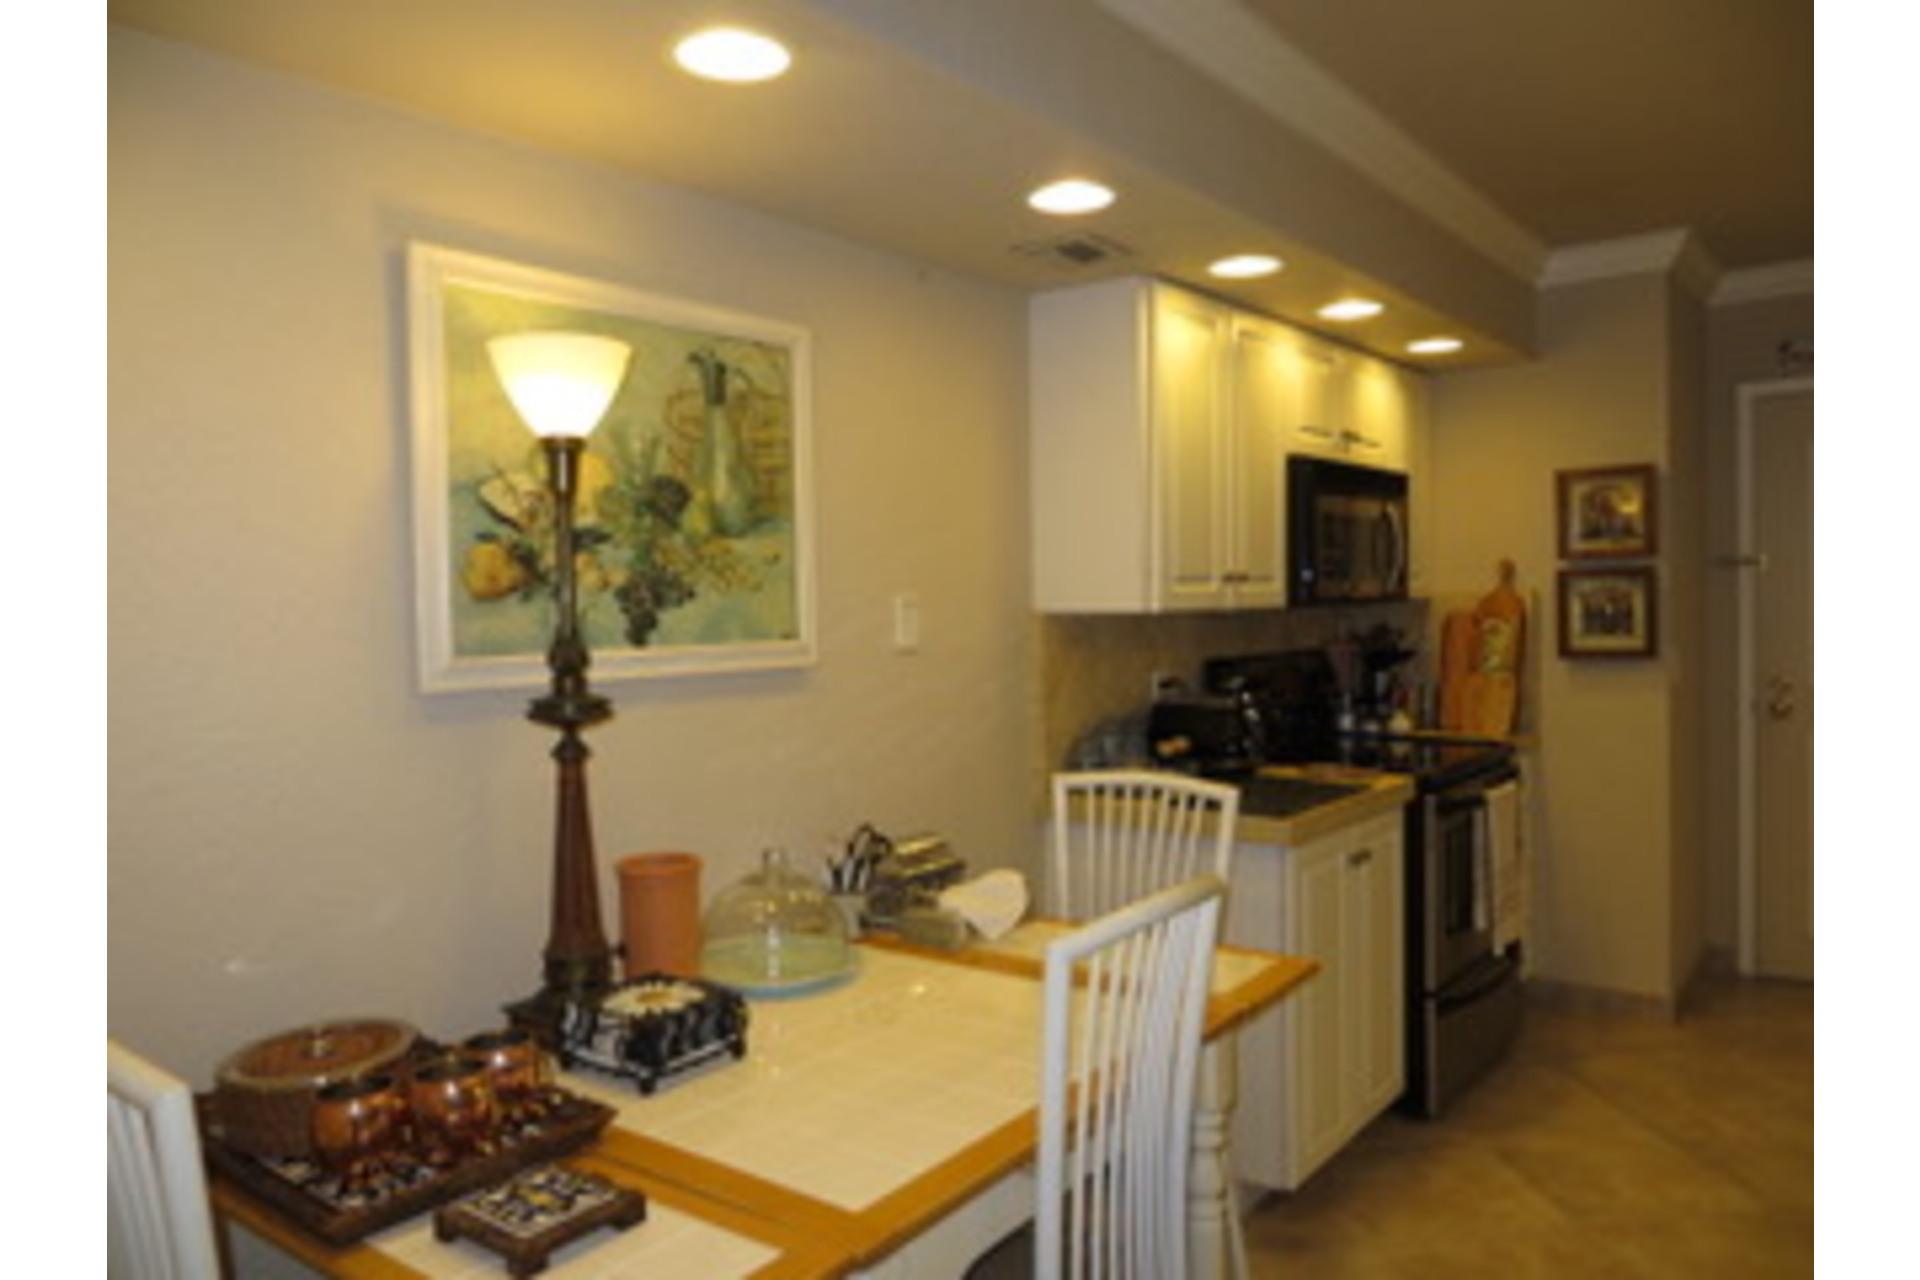 image 7 - Condo Short rental Hallandale Beach - 6 rooms